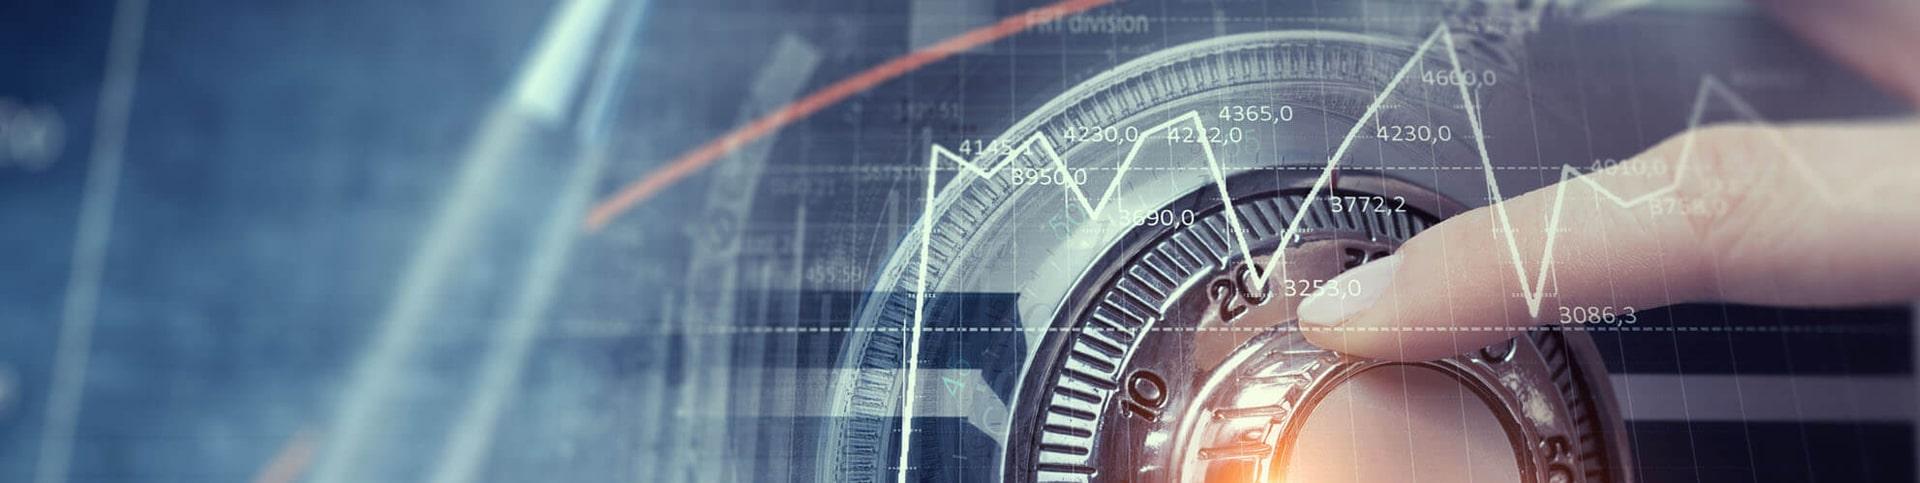 Keine Produktivität ohne funktionierende IT! triPlus sorgt für die Sicherheit Ihrer Systeme & Daten!